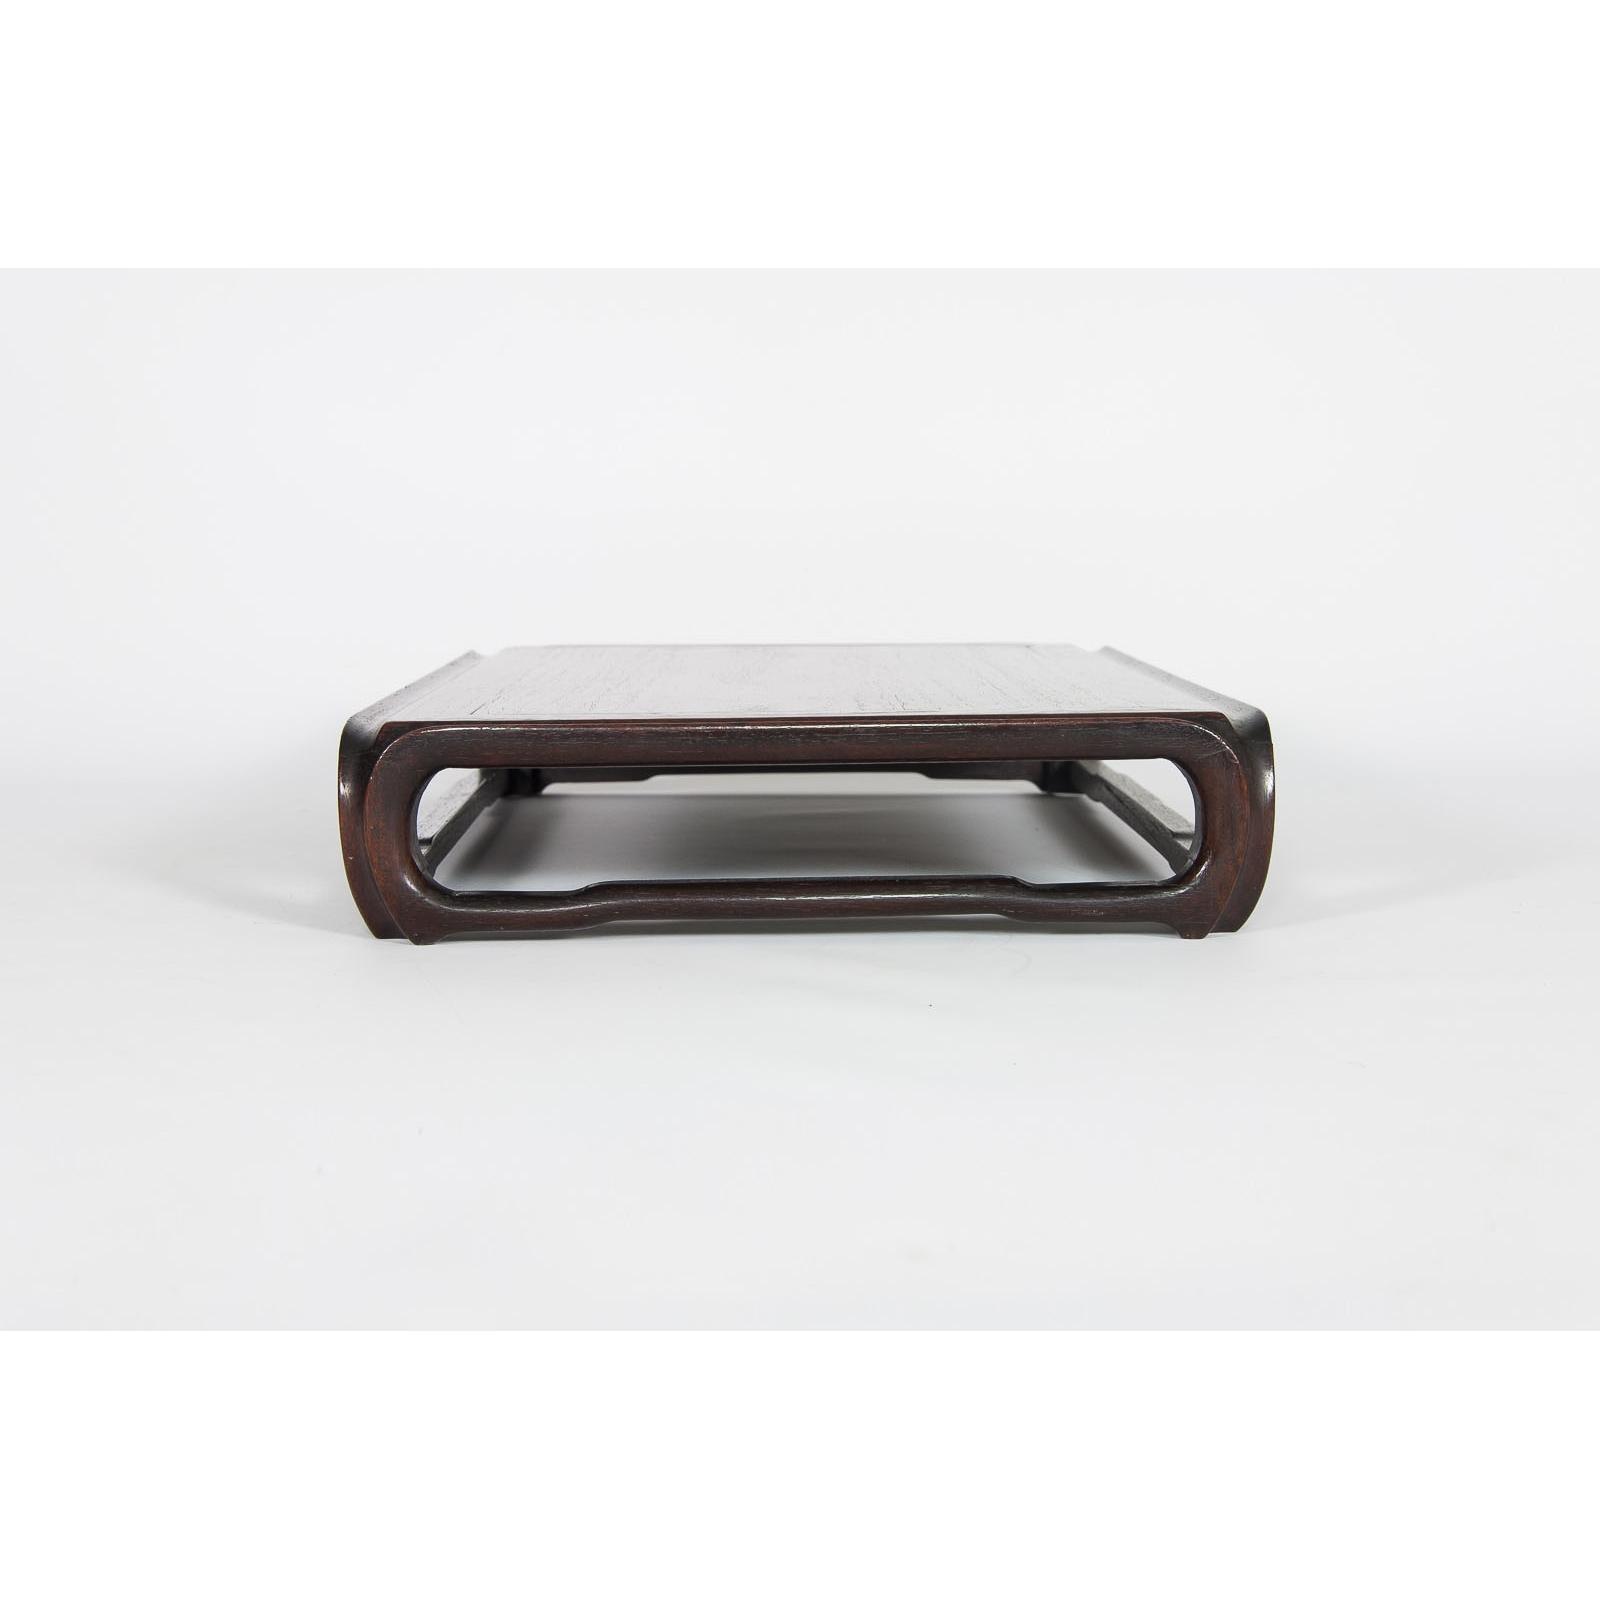 Table used MU-024